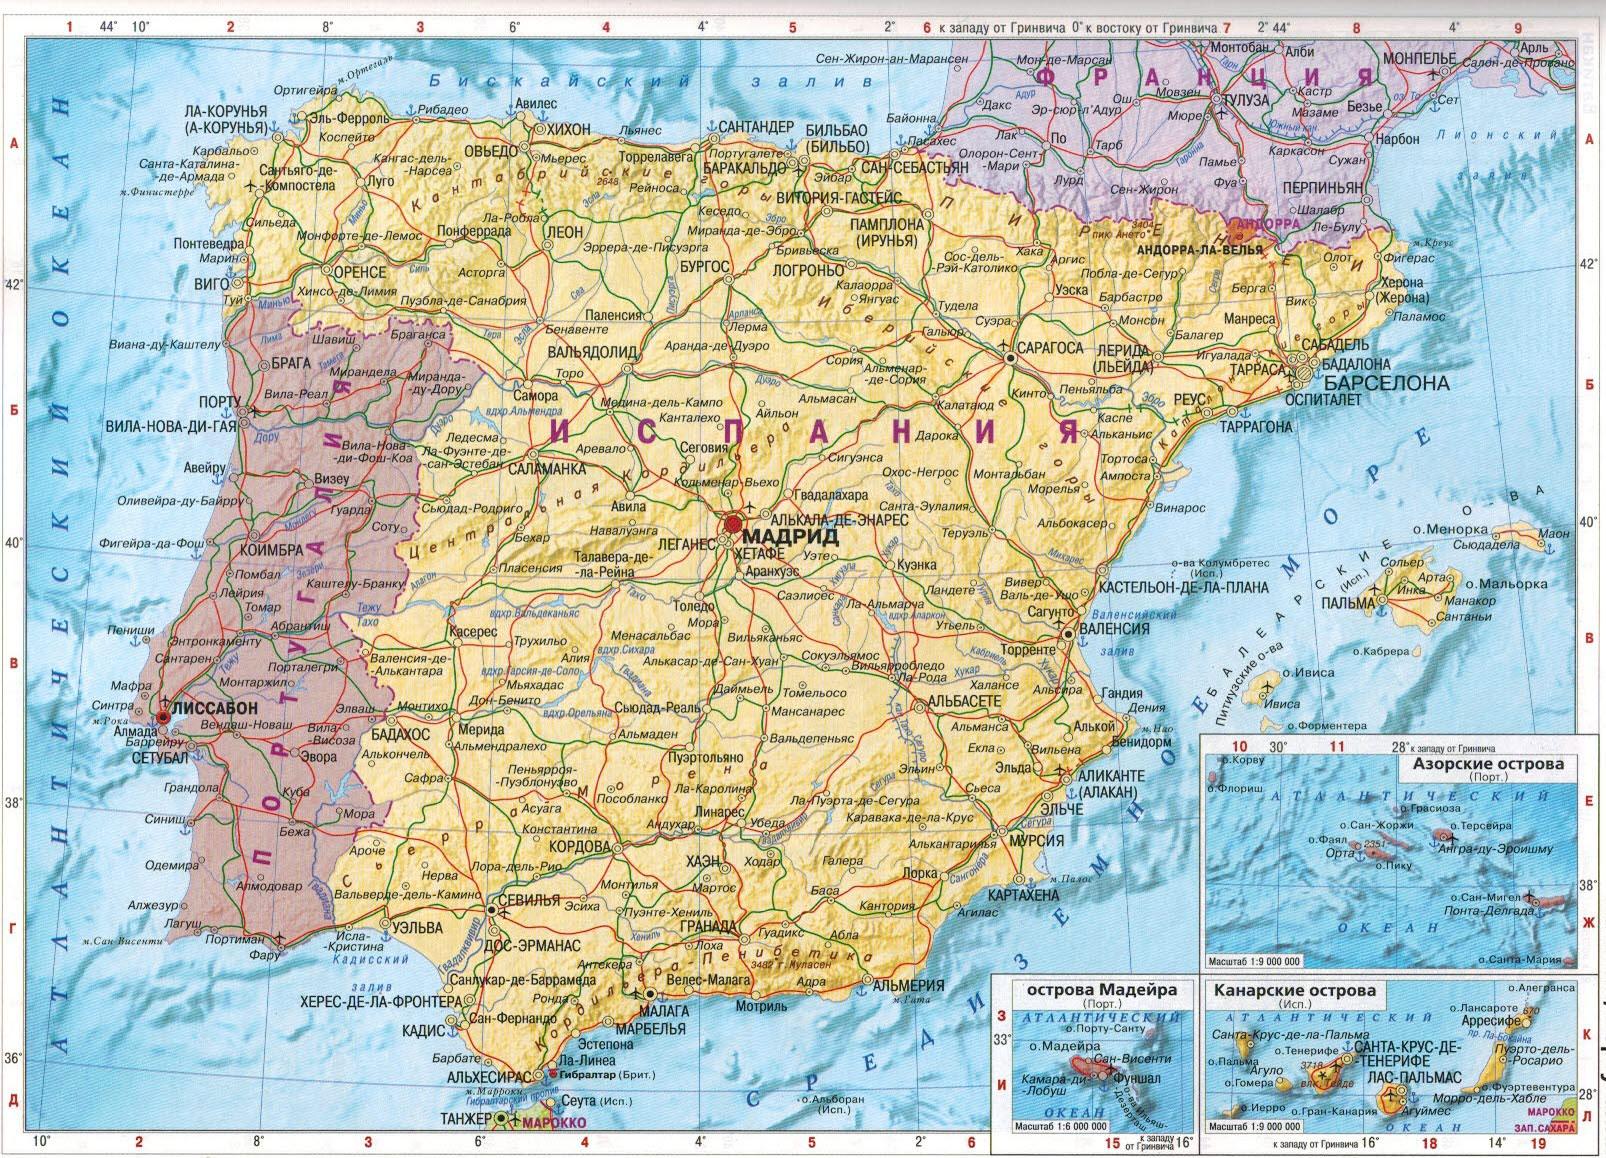 Настенная карта Испании, Португалии. Ламинированная. Р-р 1,0*0,75 м